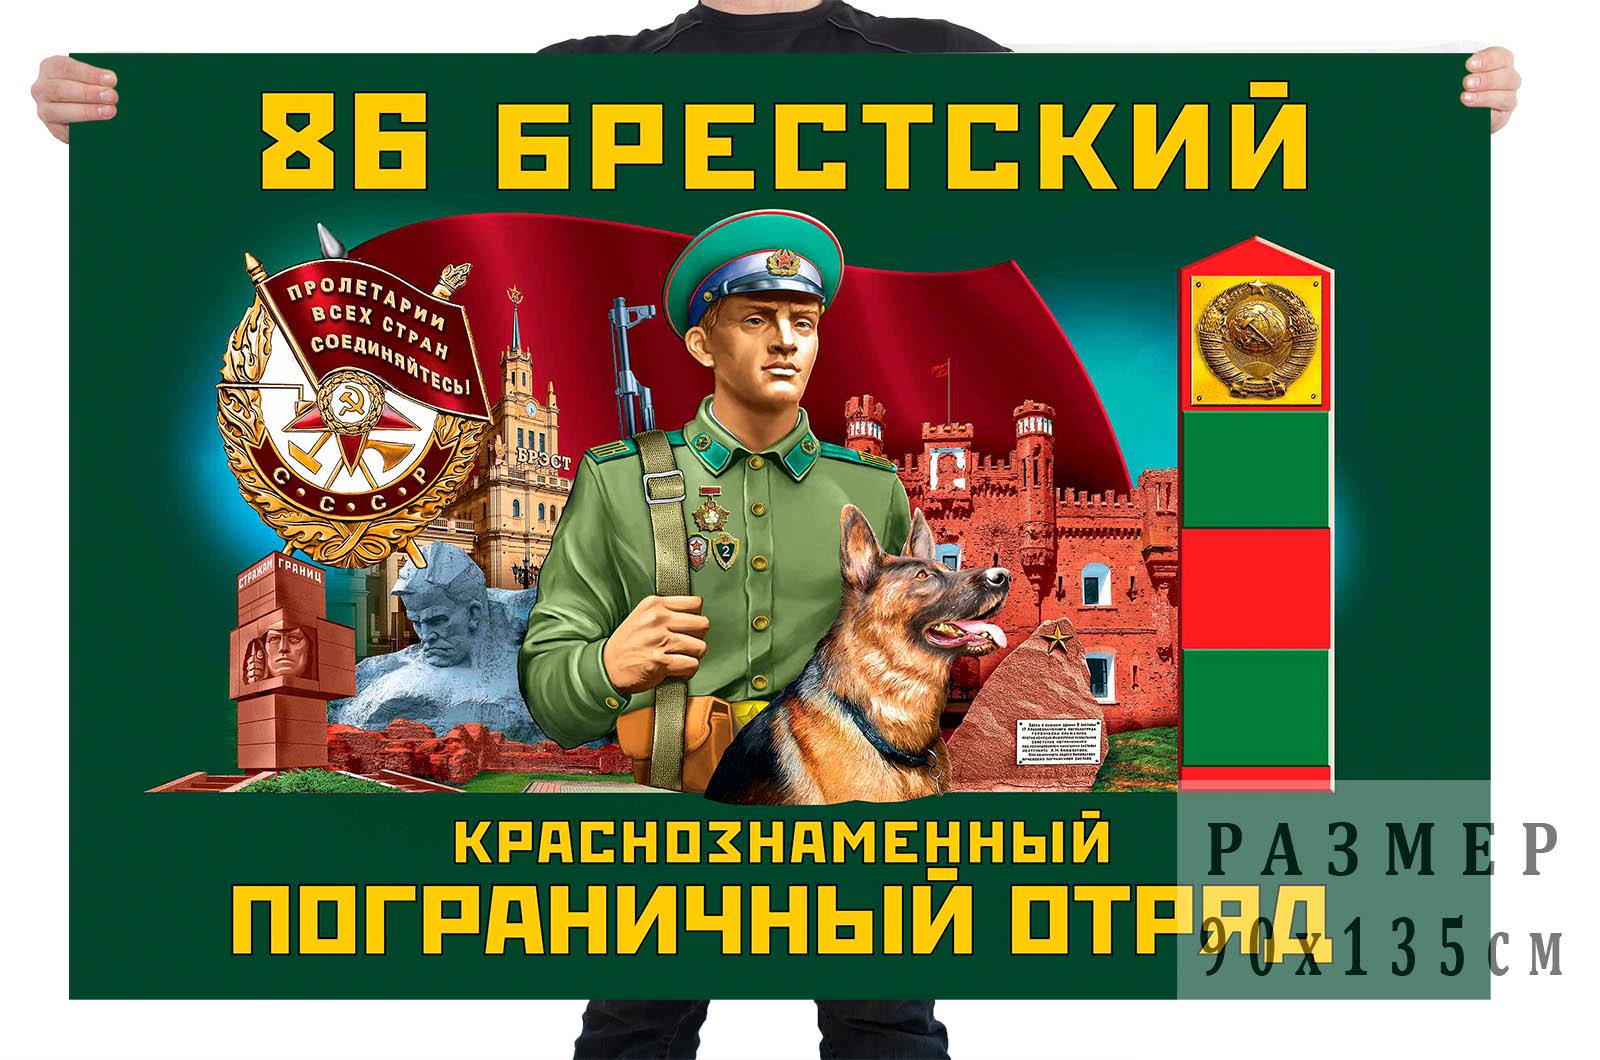 Флаг 86 Брестского Краснознамённого пограничного отряда